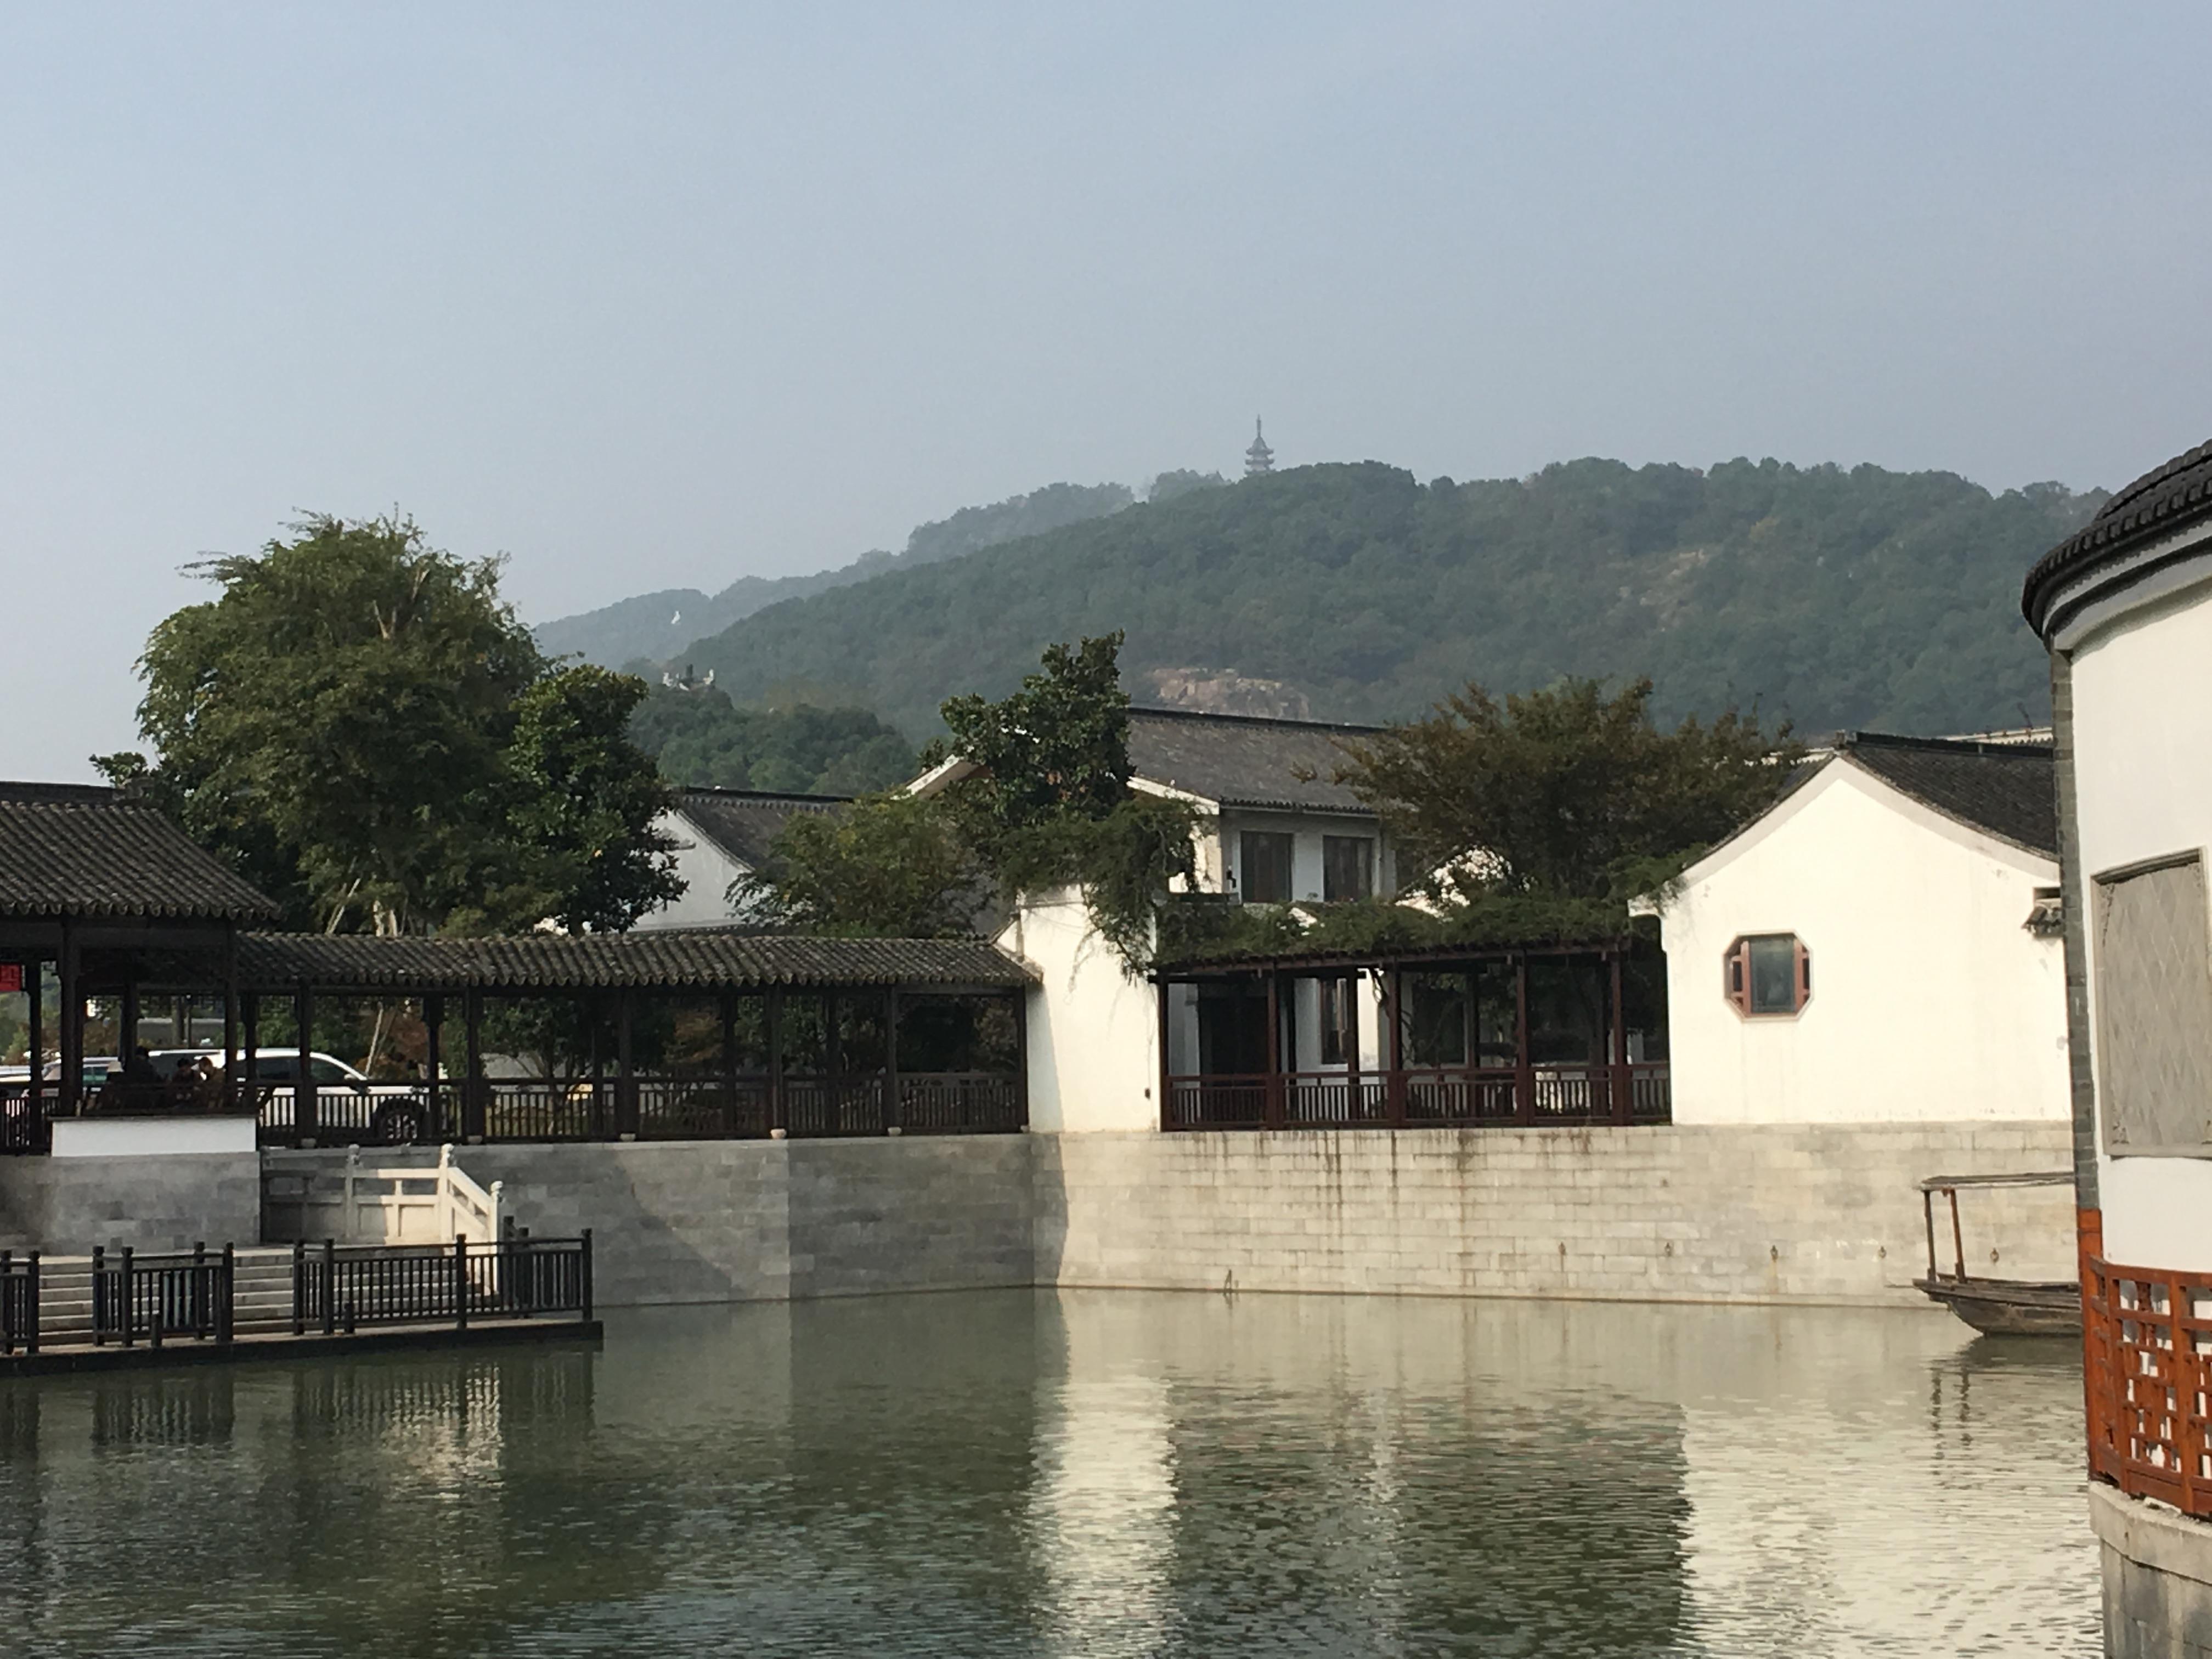 苏州木渎古镇